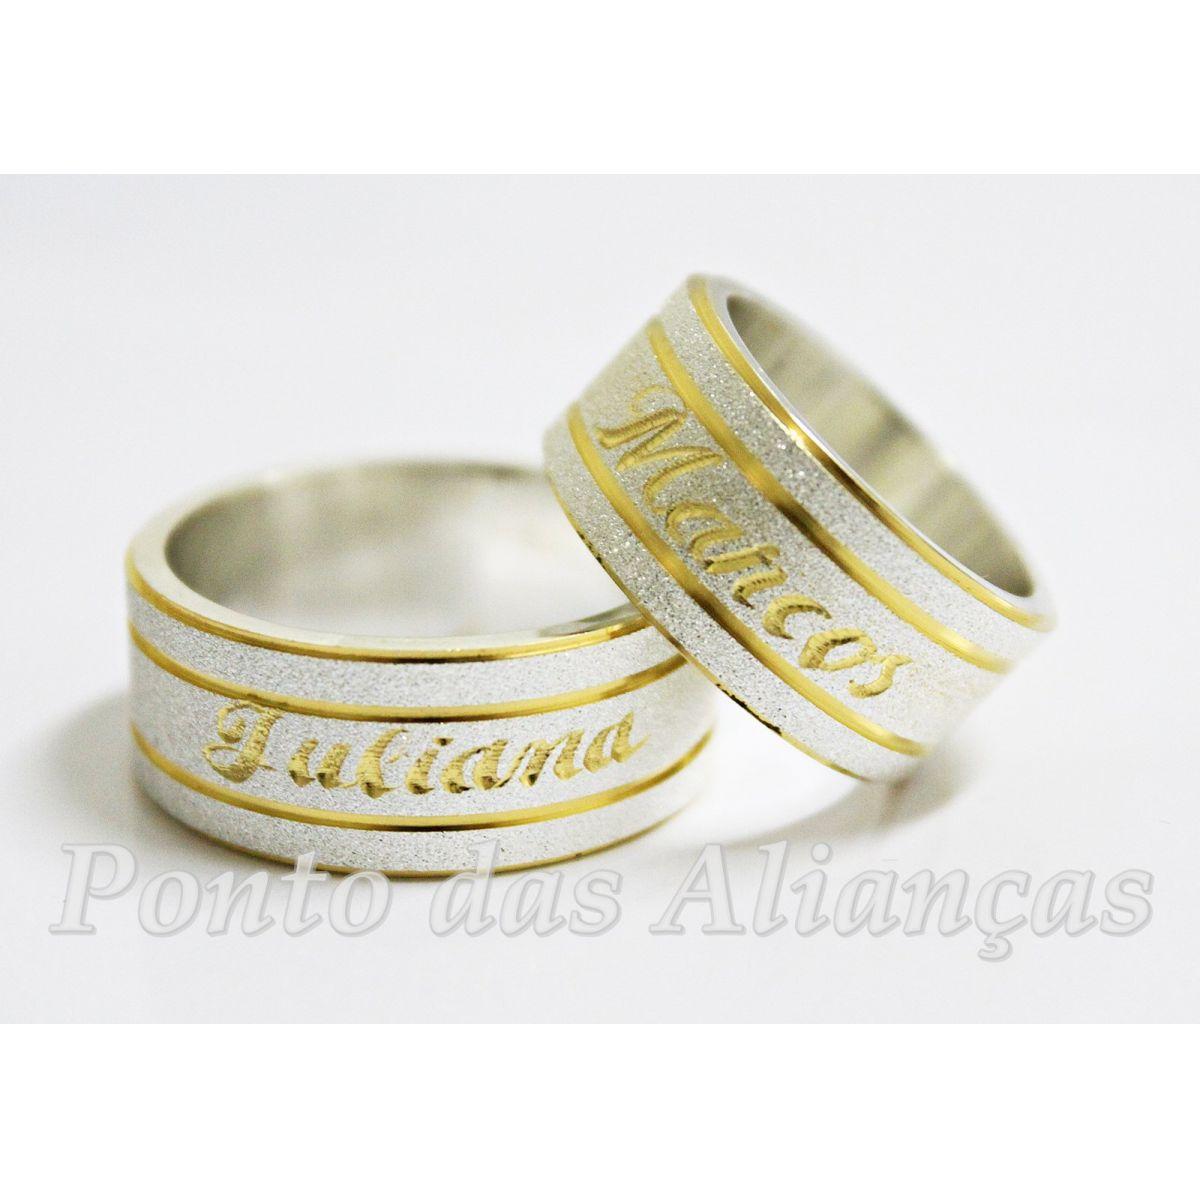 Alianças de Prata Compromisso -  Noivado 3023